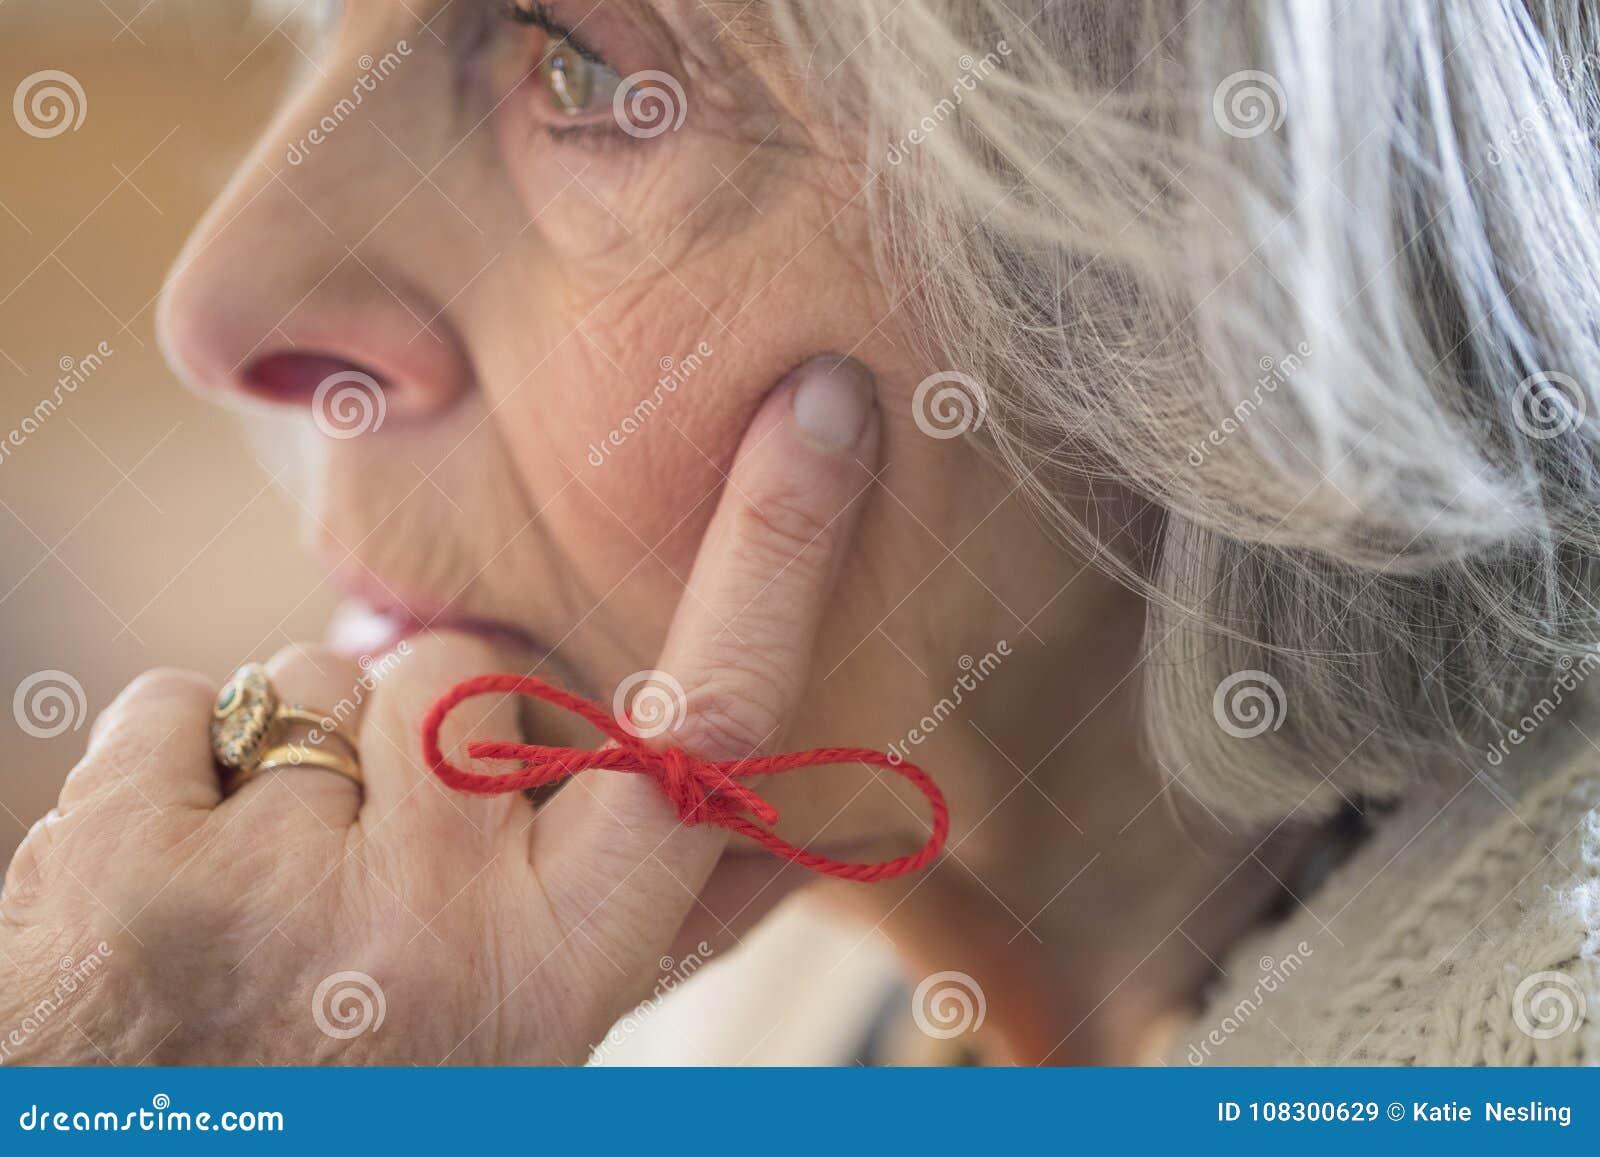 Fermez-vous de la femme supérieure avec de la ficelle attachée autour du doigt comme Remin